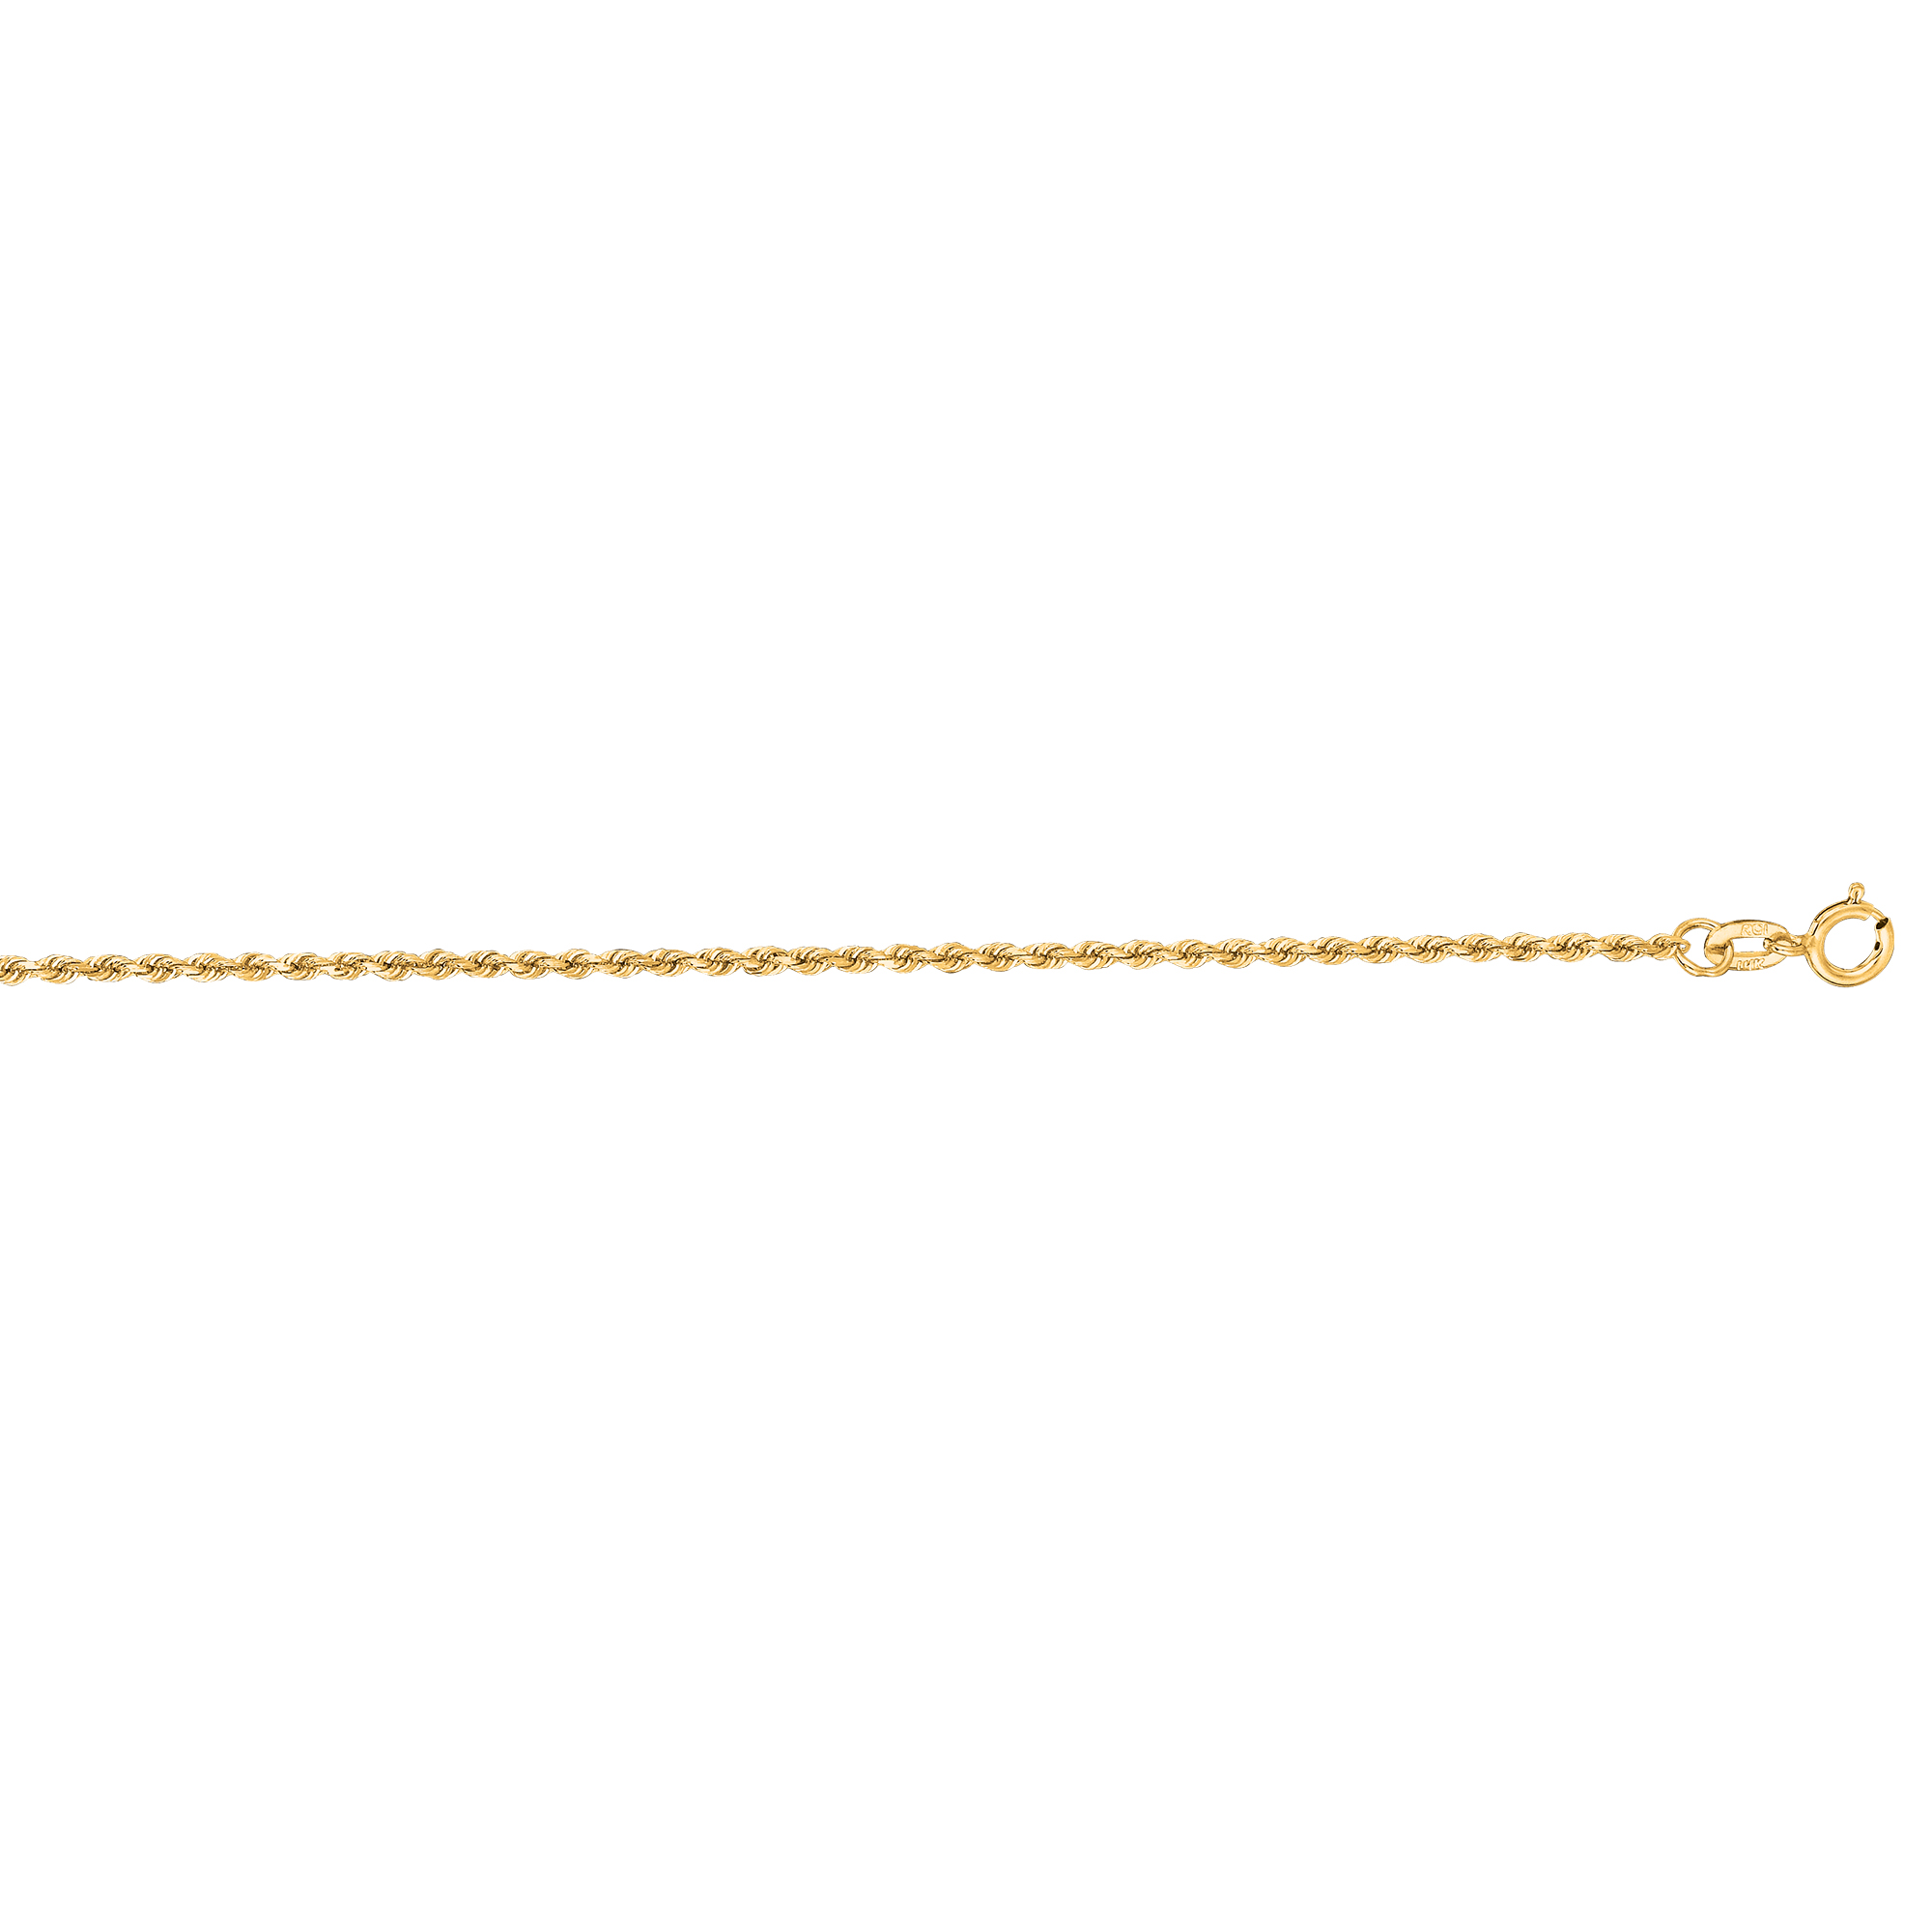 LUXURMAN Solid 10k Gold Rope Chain For Men & Women Diamond Cut 1.3mm